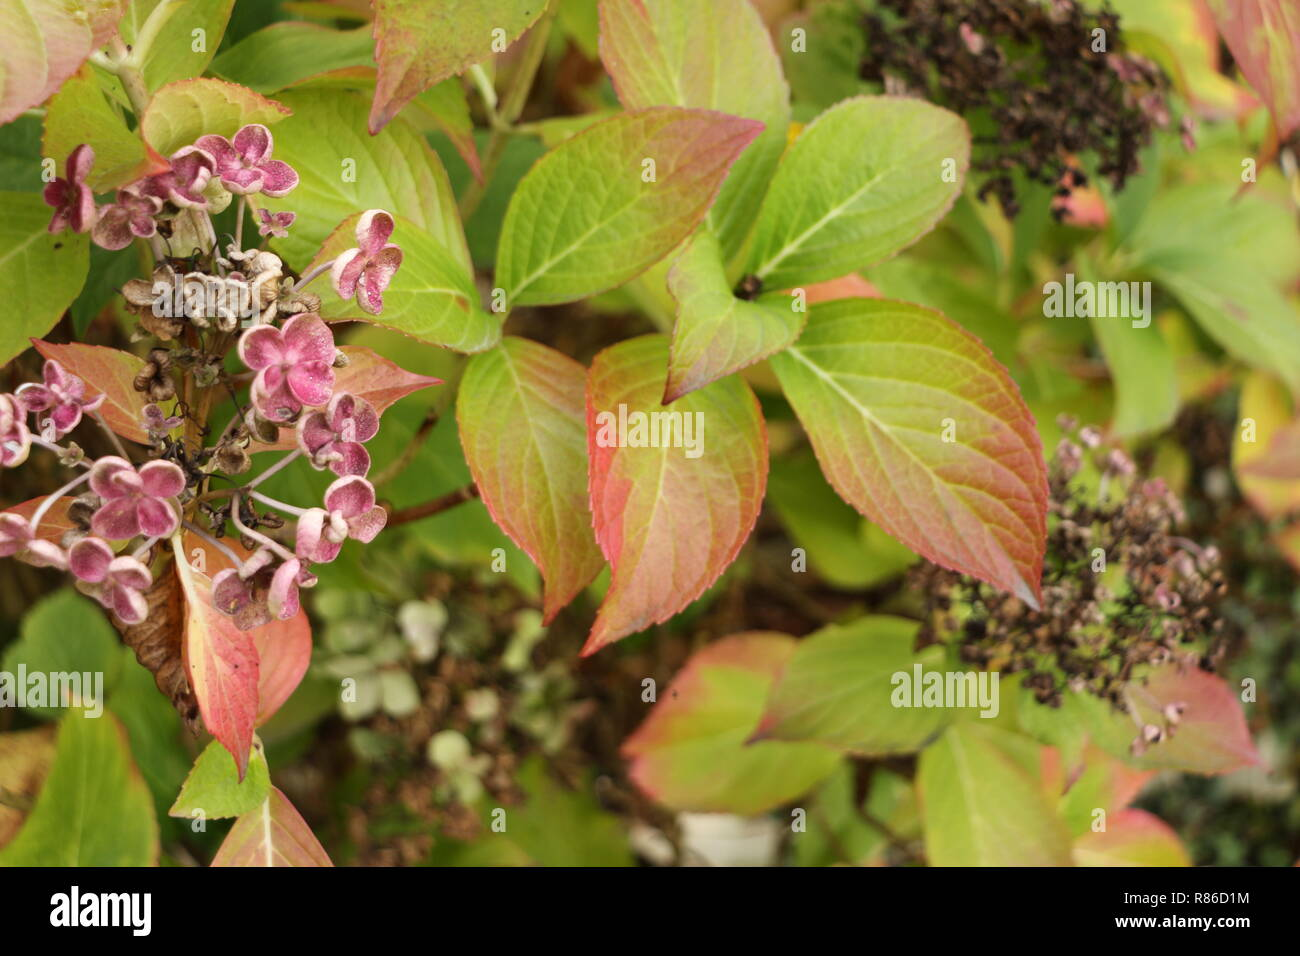 Herbst im Garten - Stock Image